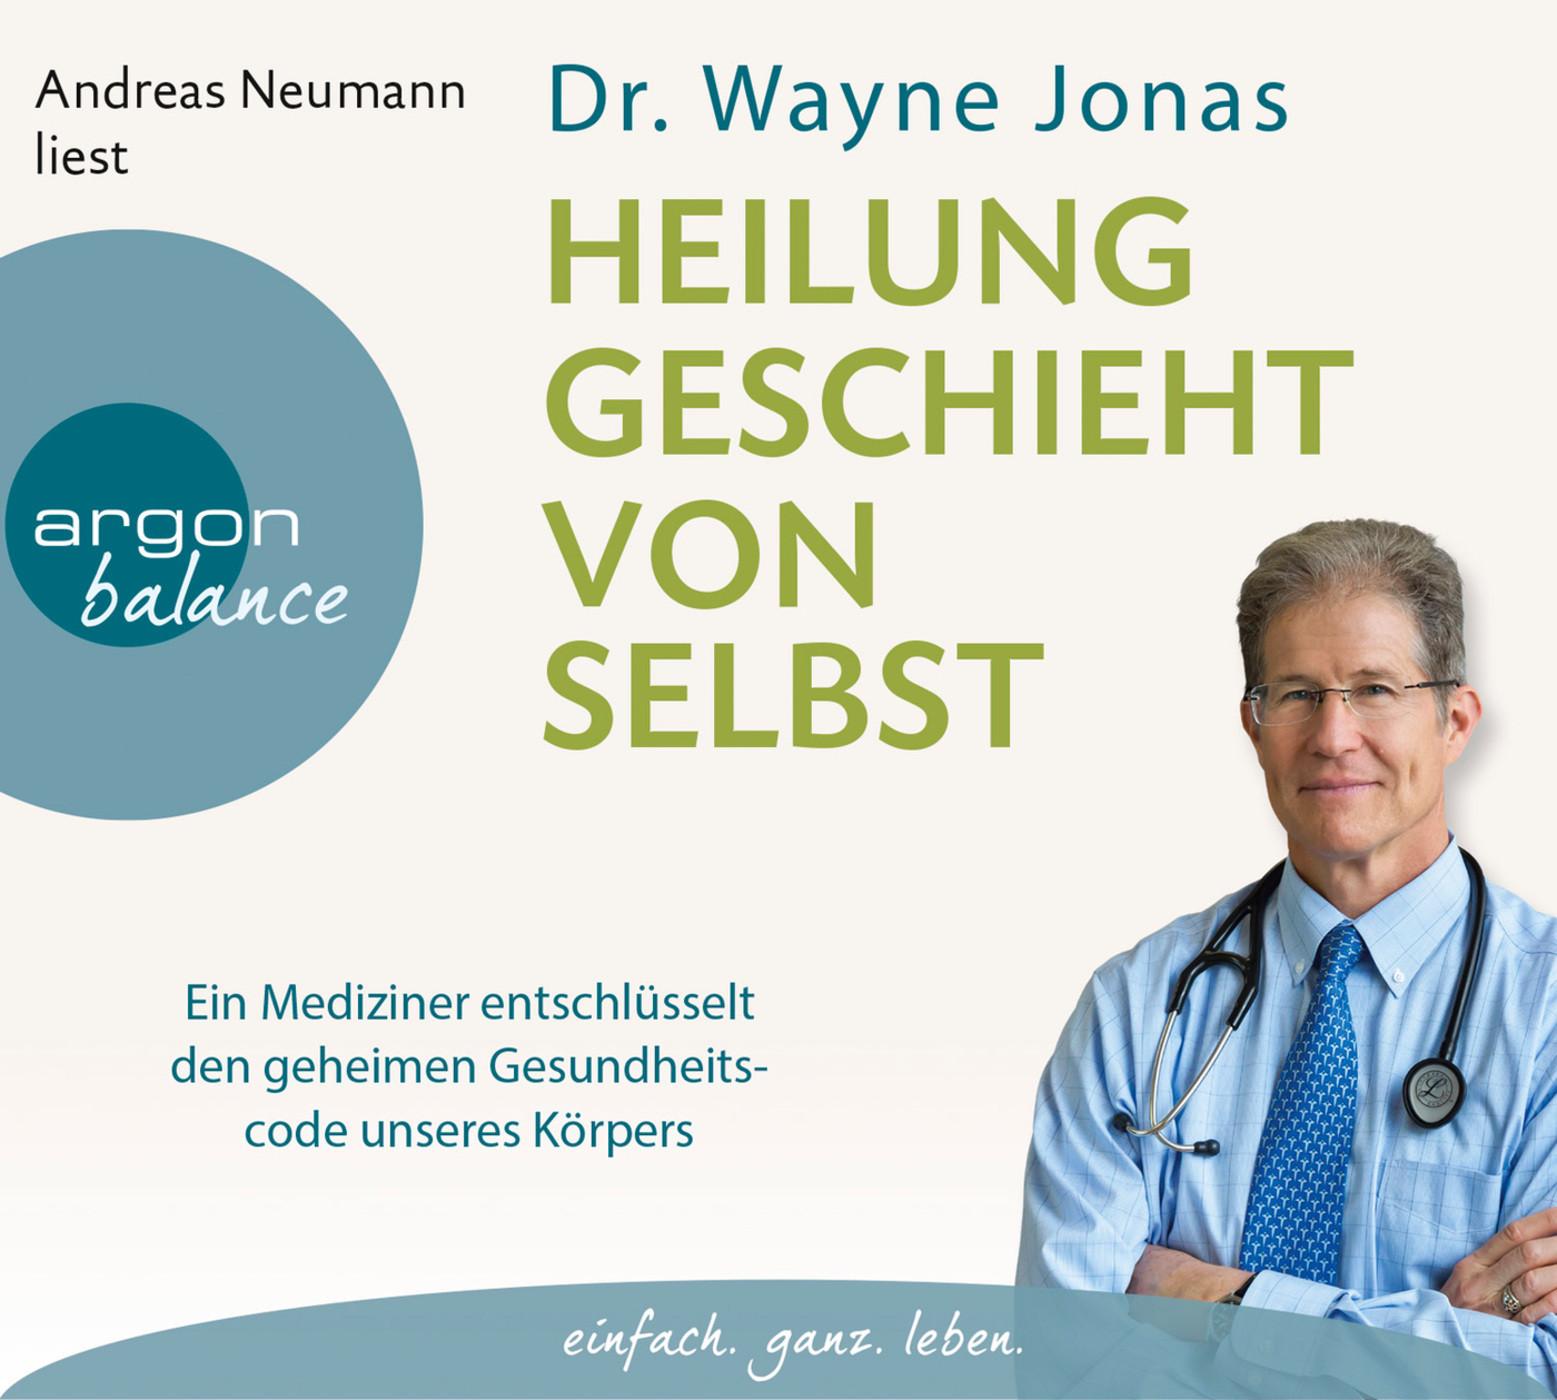 Dr. Wayne Jonas - Heilung geschieht von selbst